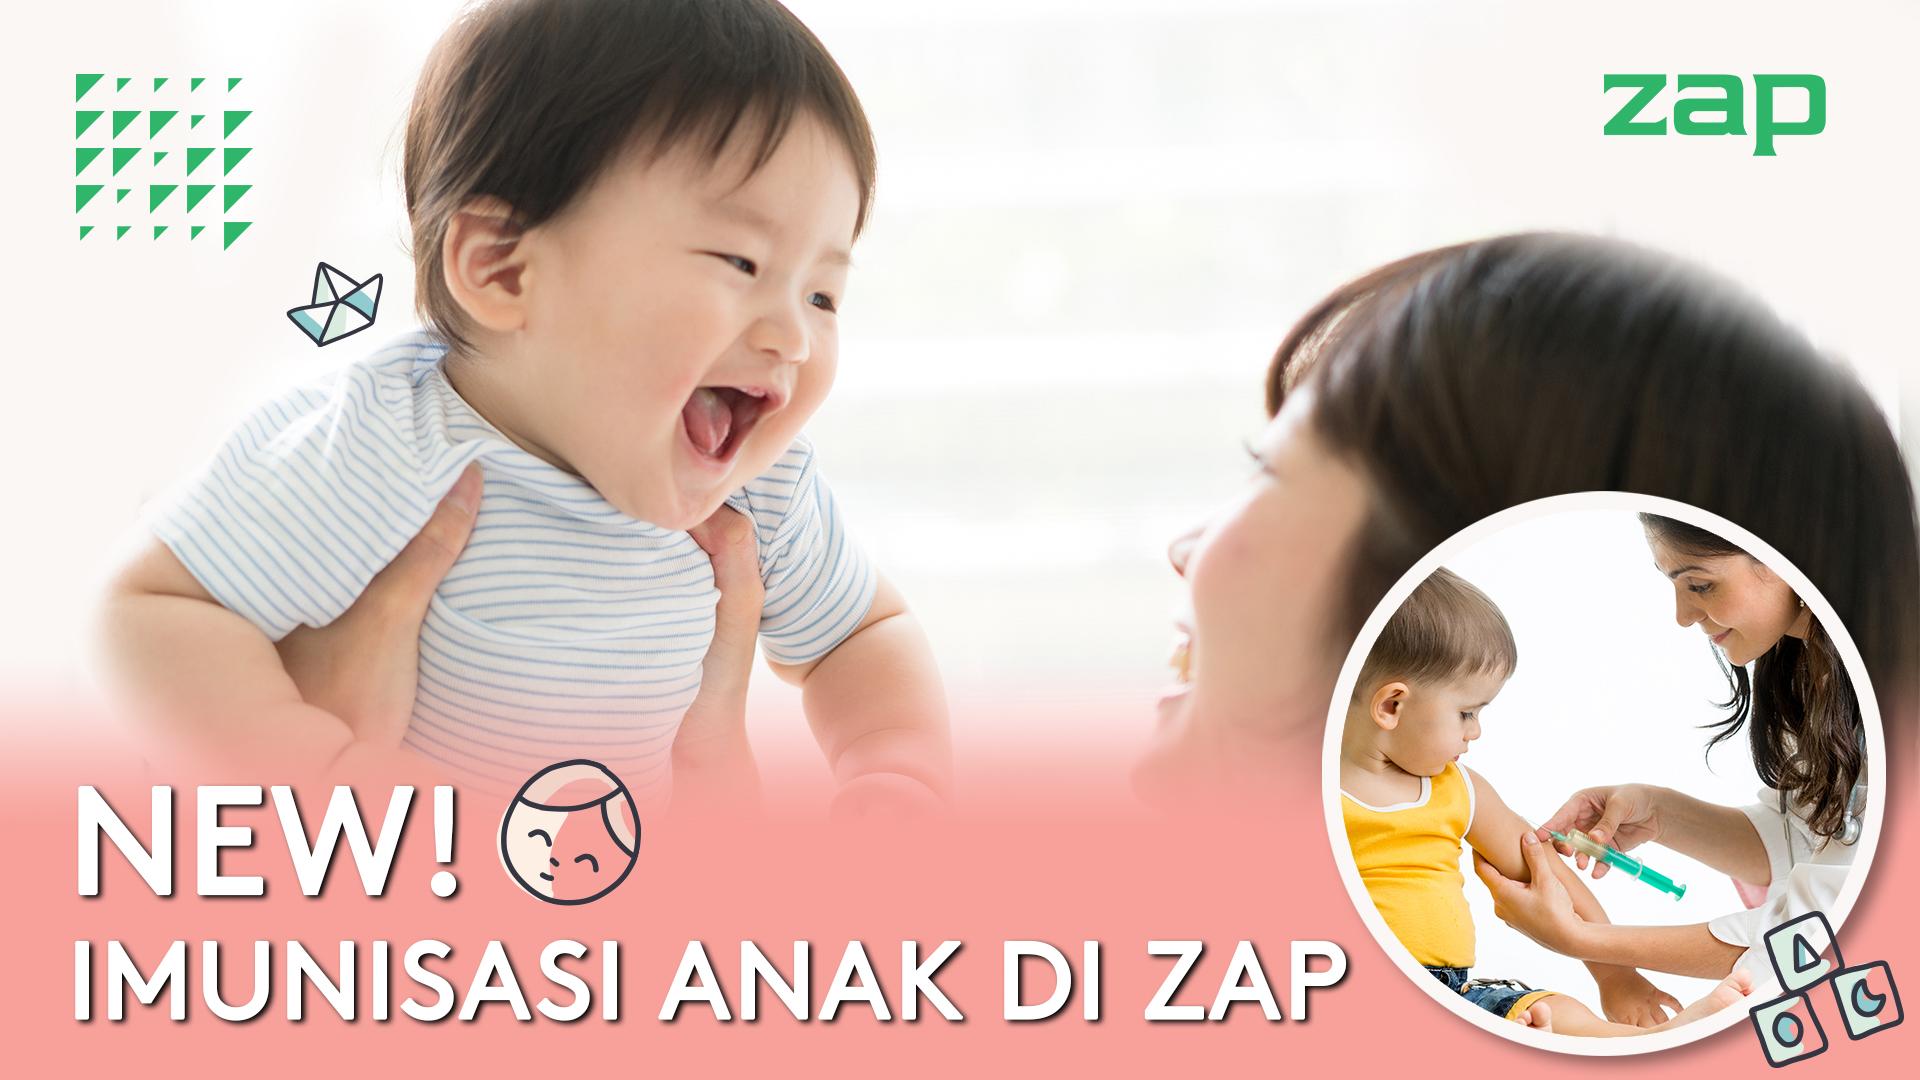 Zap Clinic Imunisasi Anak Kini Sudah Tersedia Di Zap